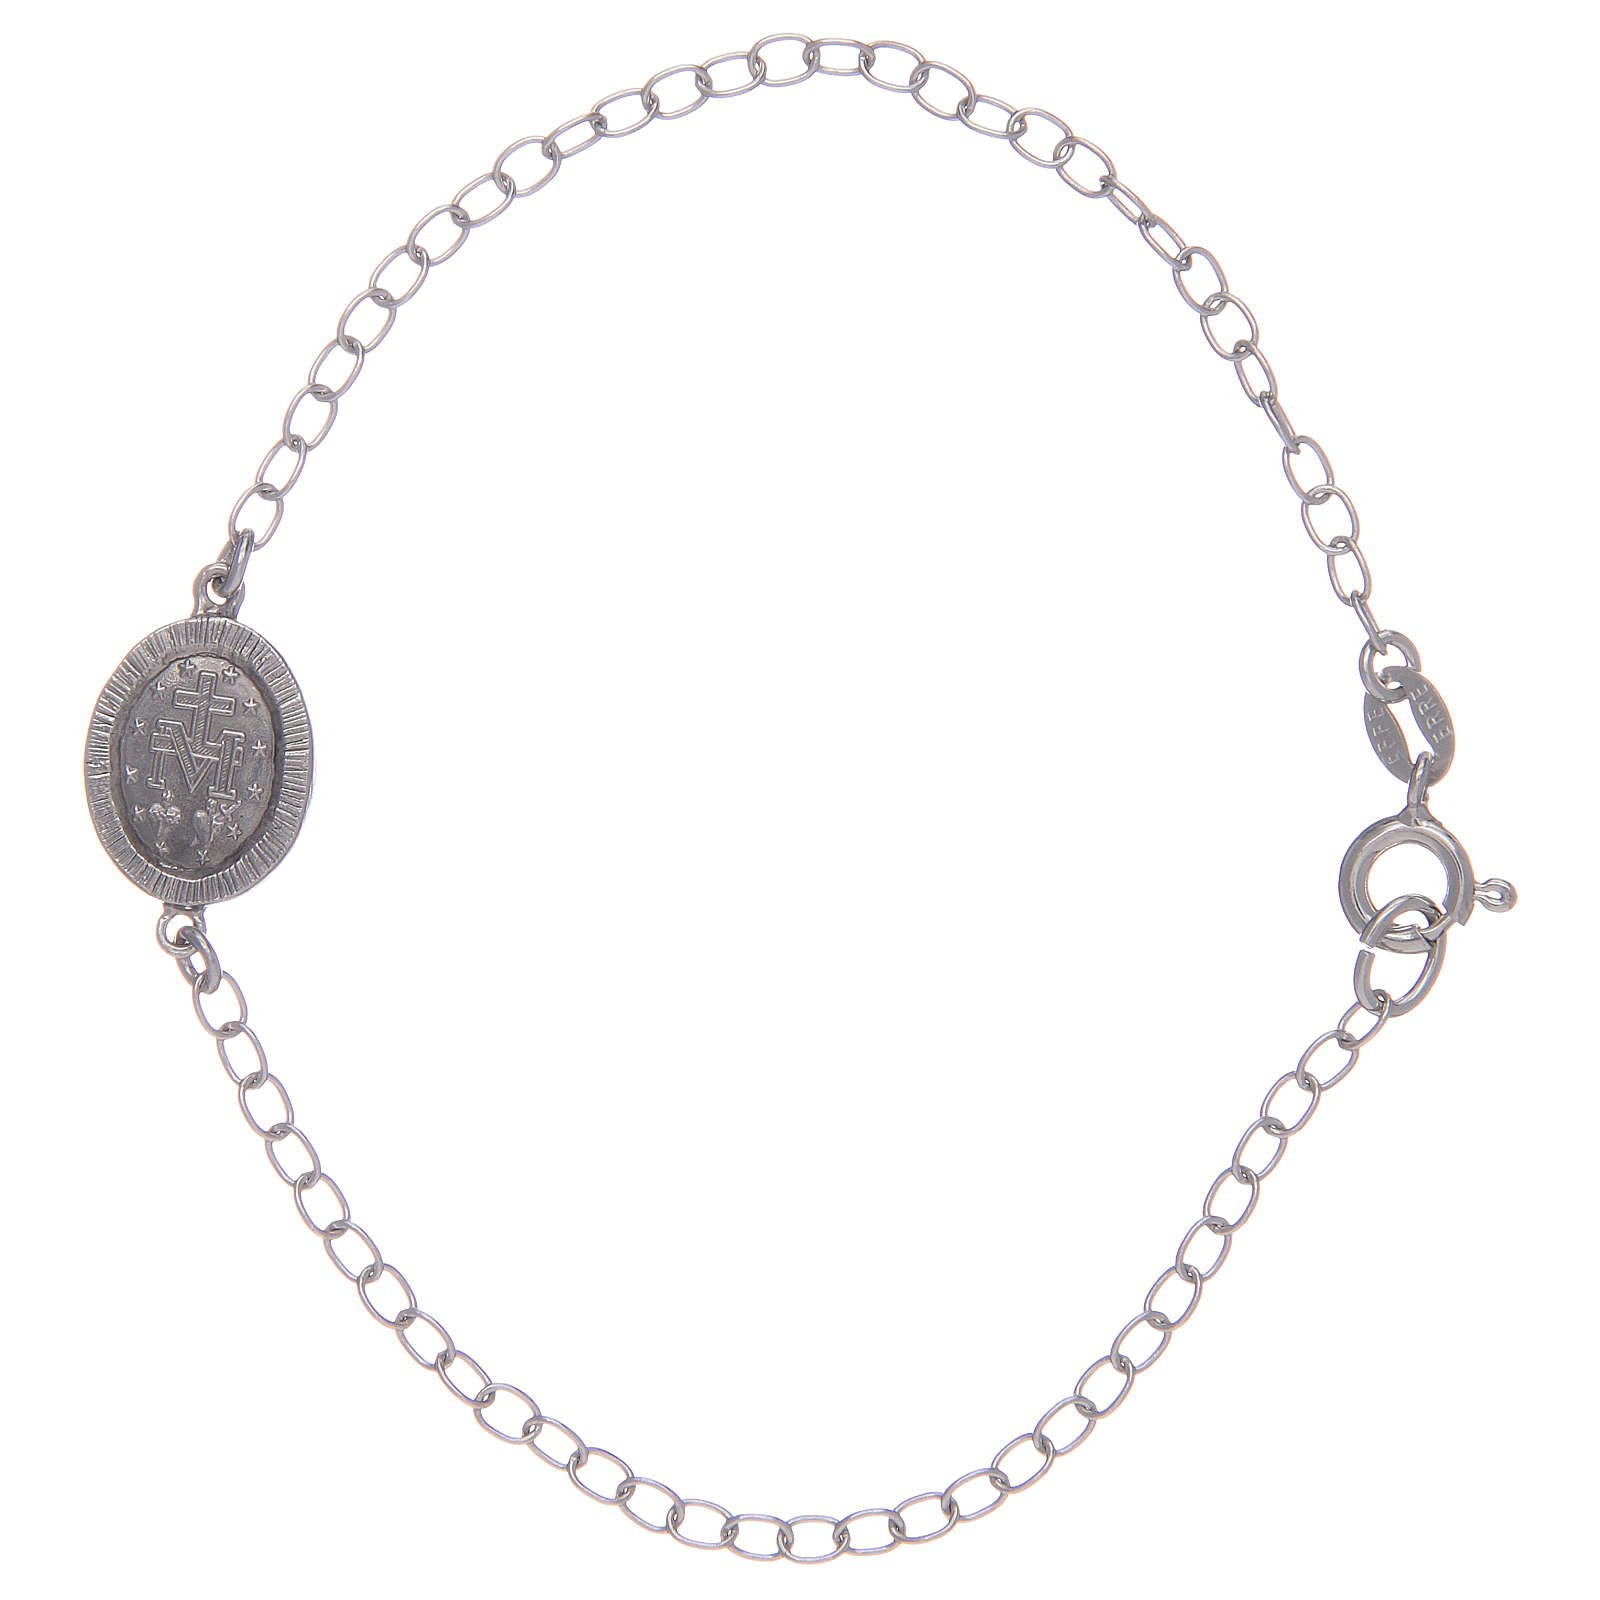 Pulsera Medalla Milagrosa plata 925 piedras transparentes 4